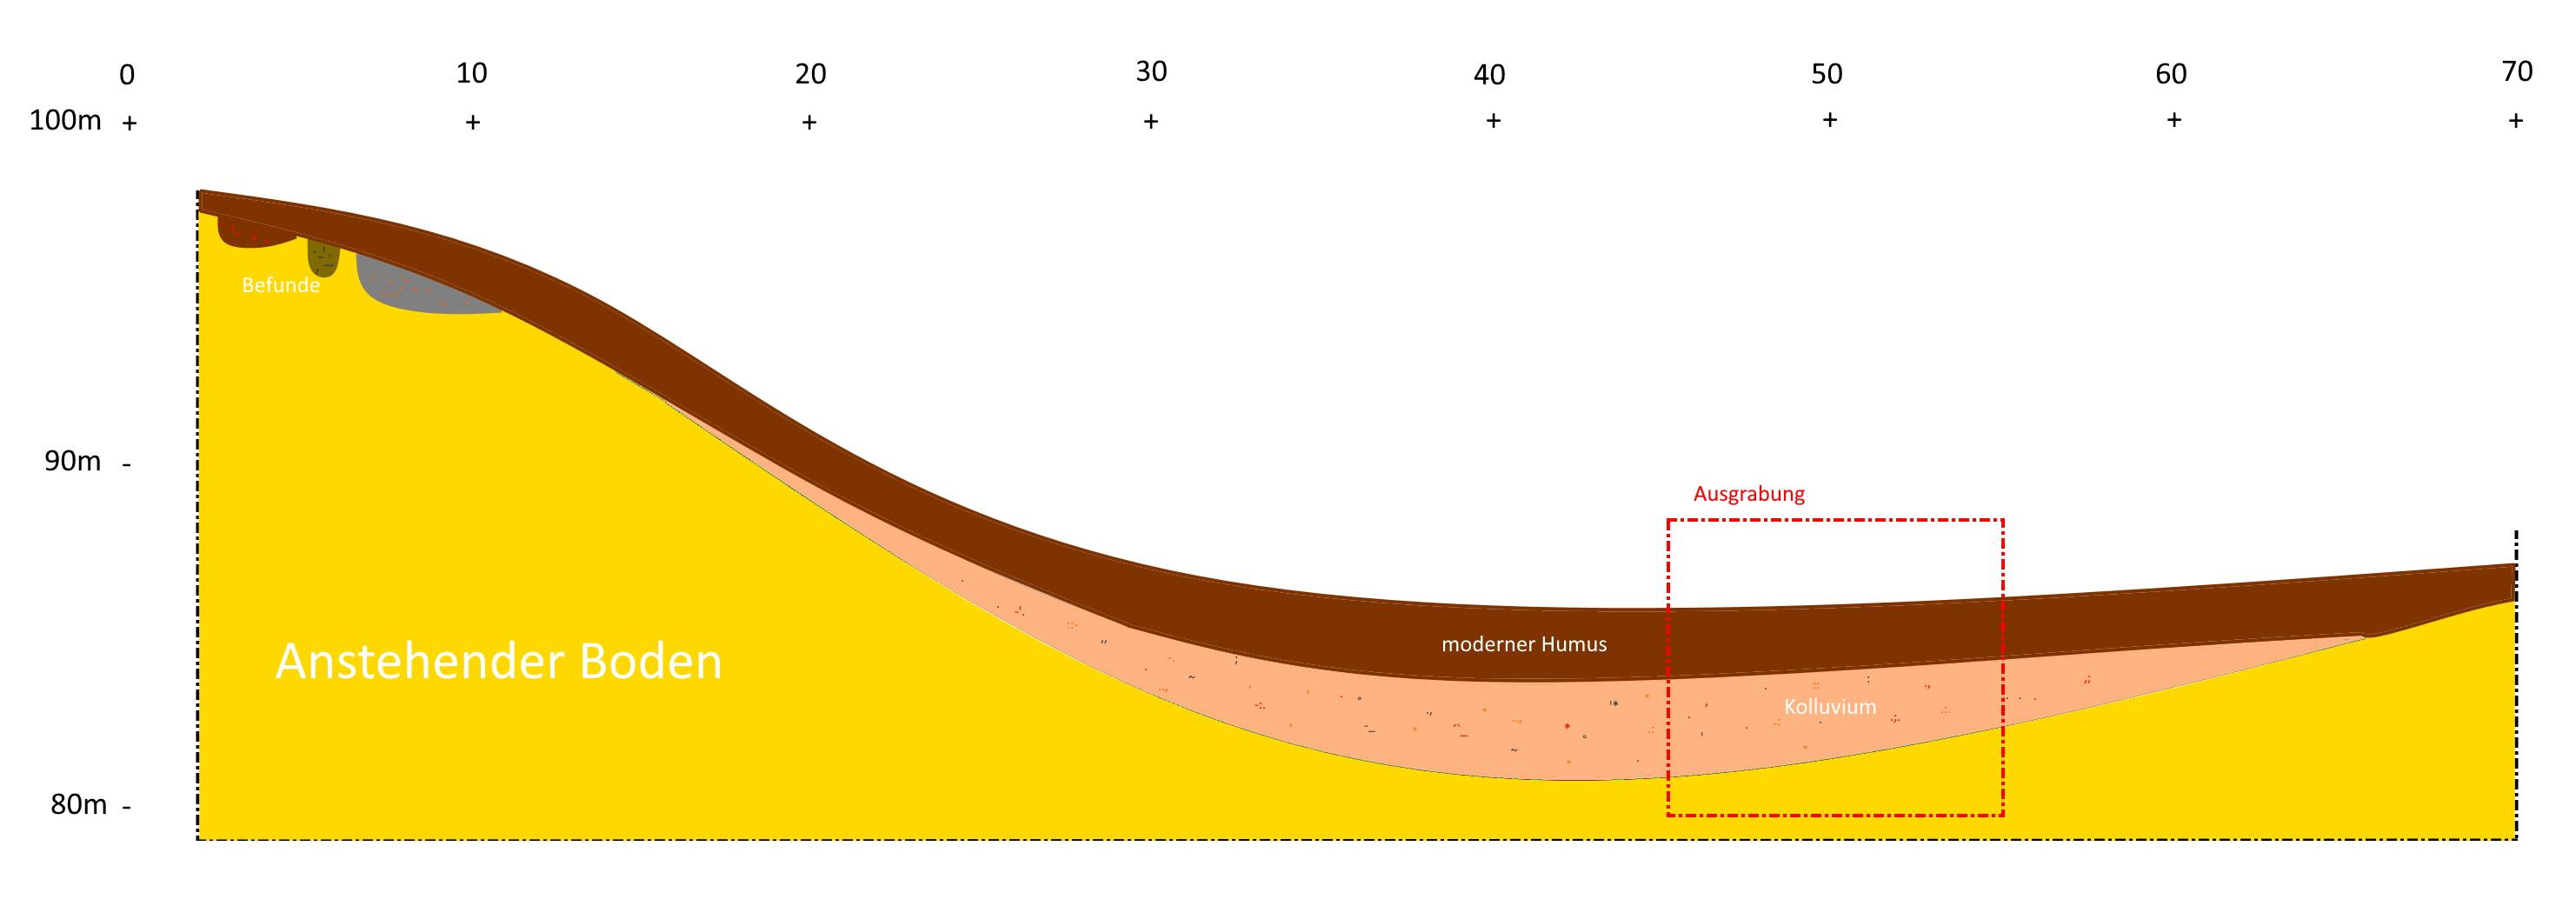 Vereinfachtes Schema eines Kolluviums